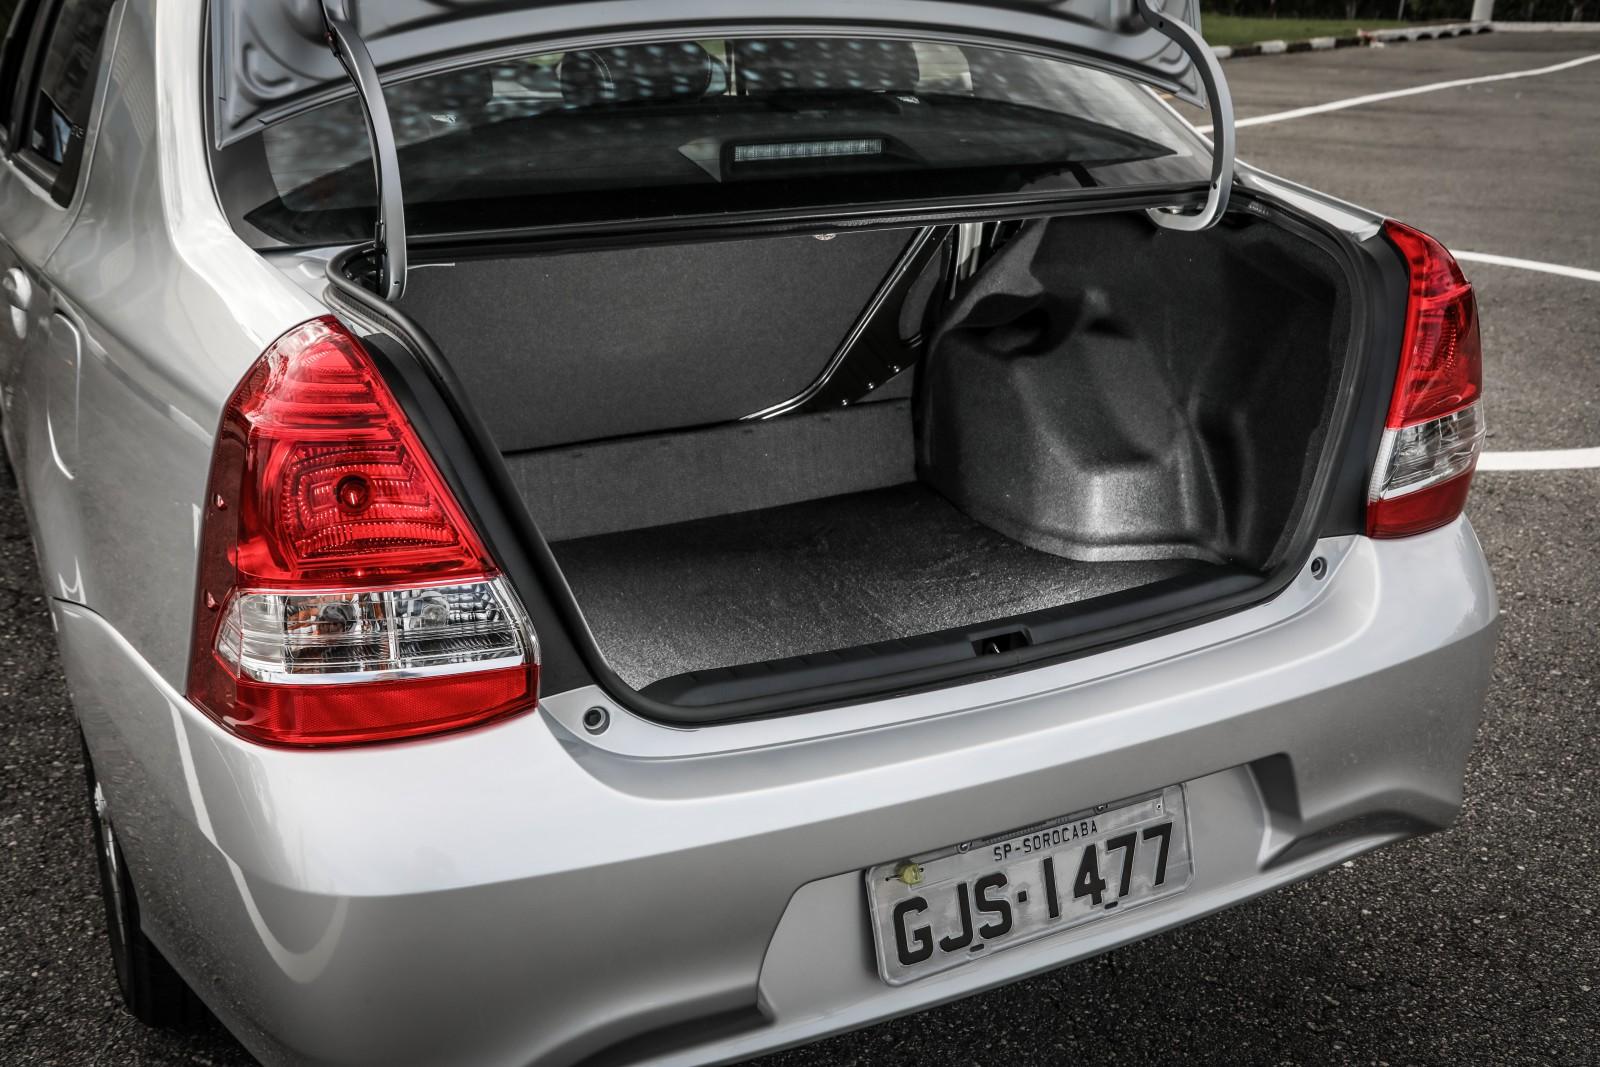 Avaliação: Toyota Etios Sedã XLS 2018 chega à maturidade ...